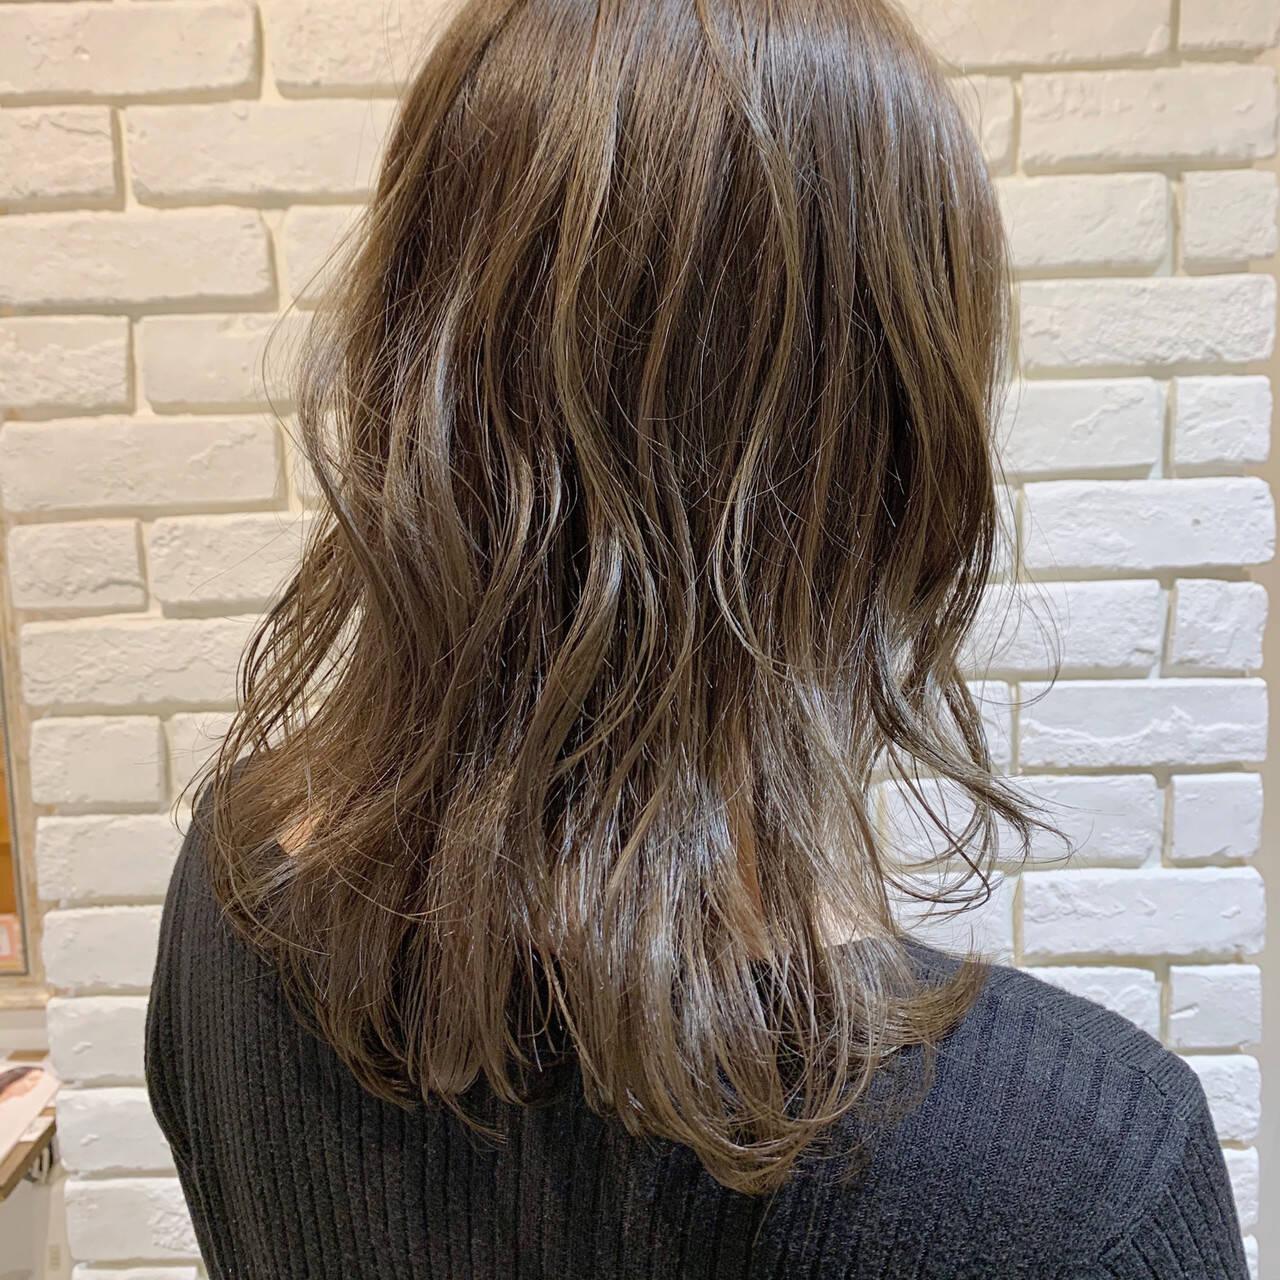 ブリーチなし ベージュ ミディアム オリーブベージュヘアスタイルや髪型の写真・画像